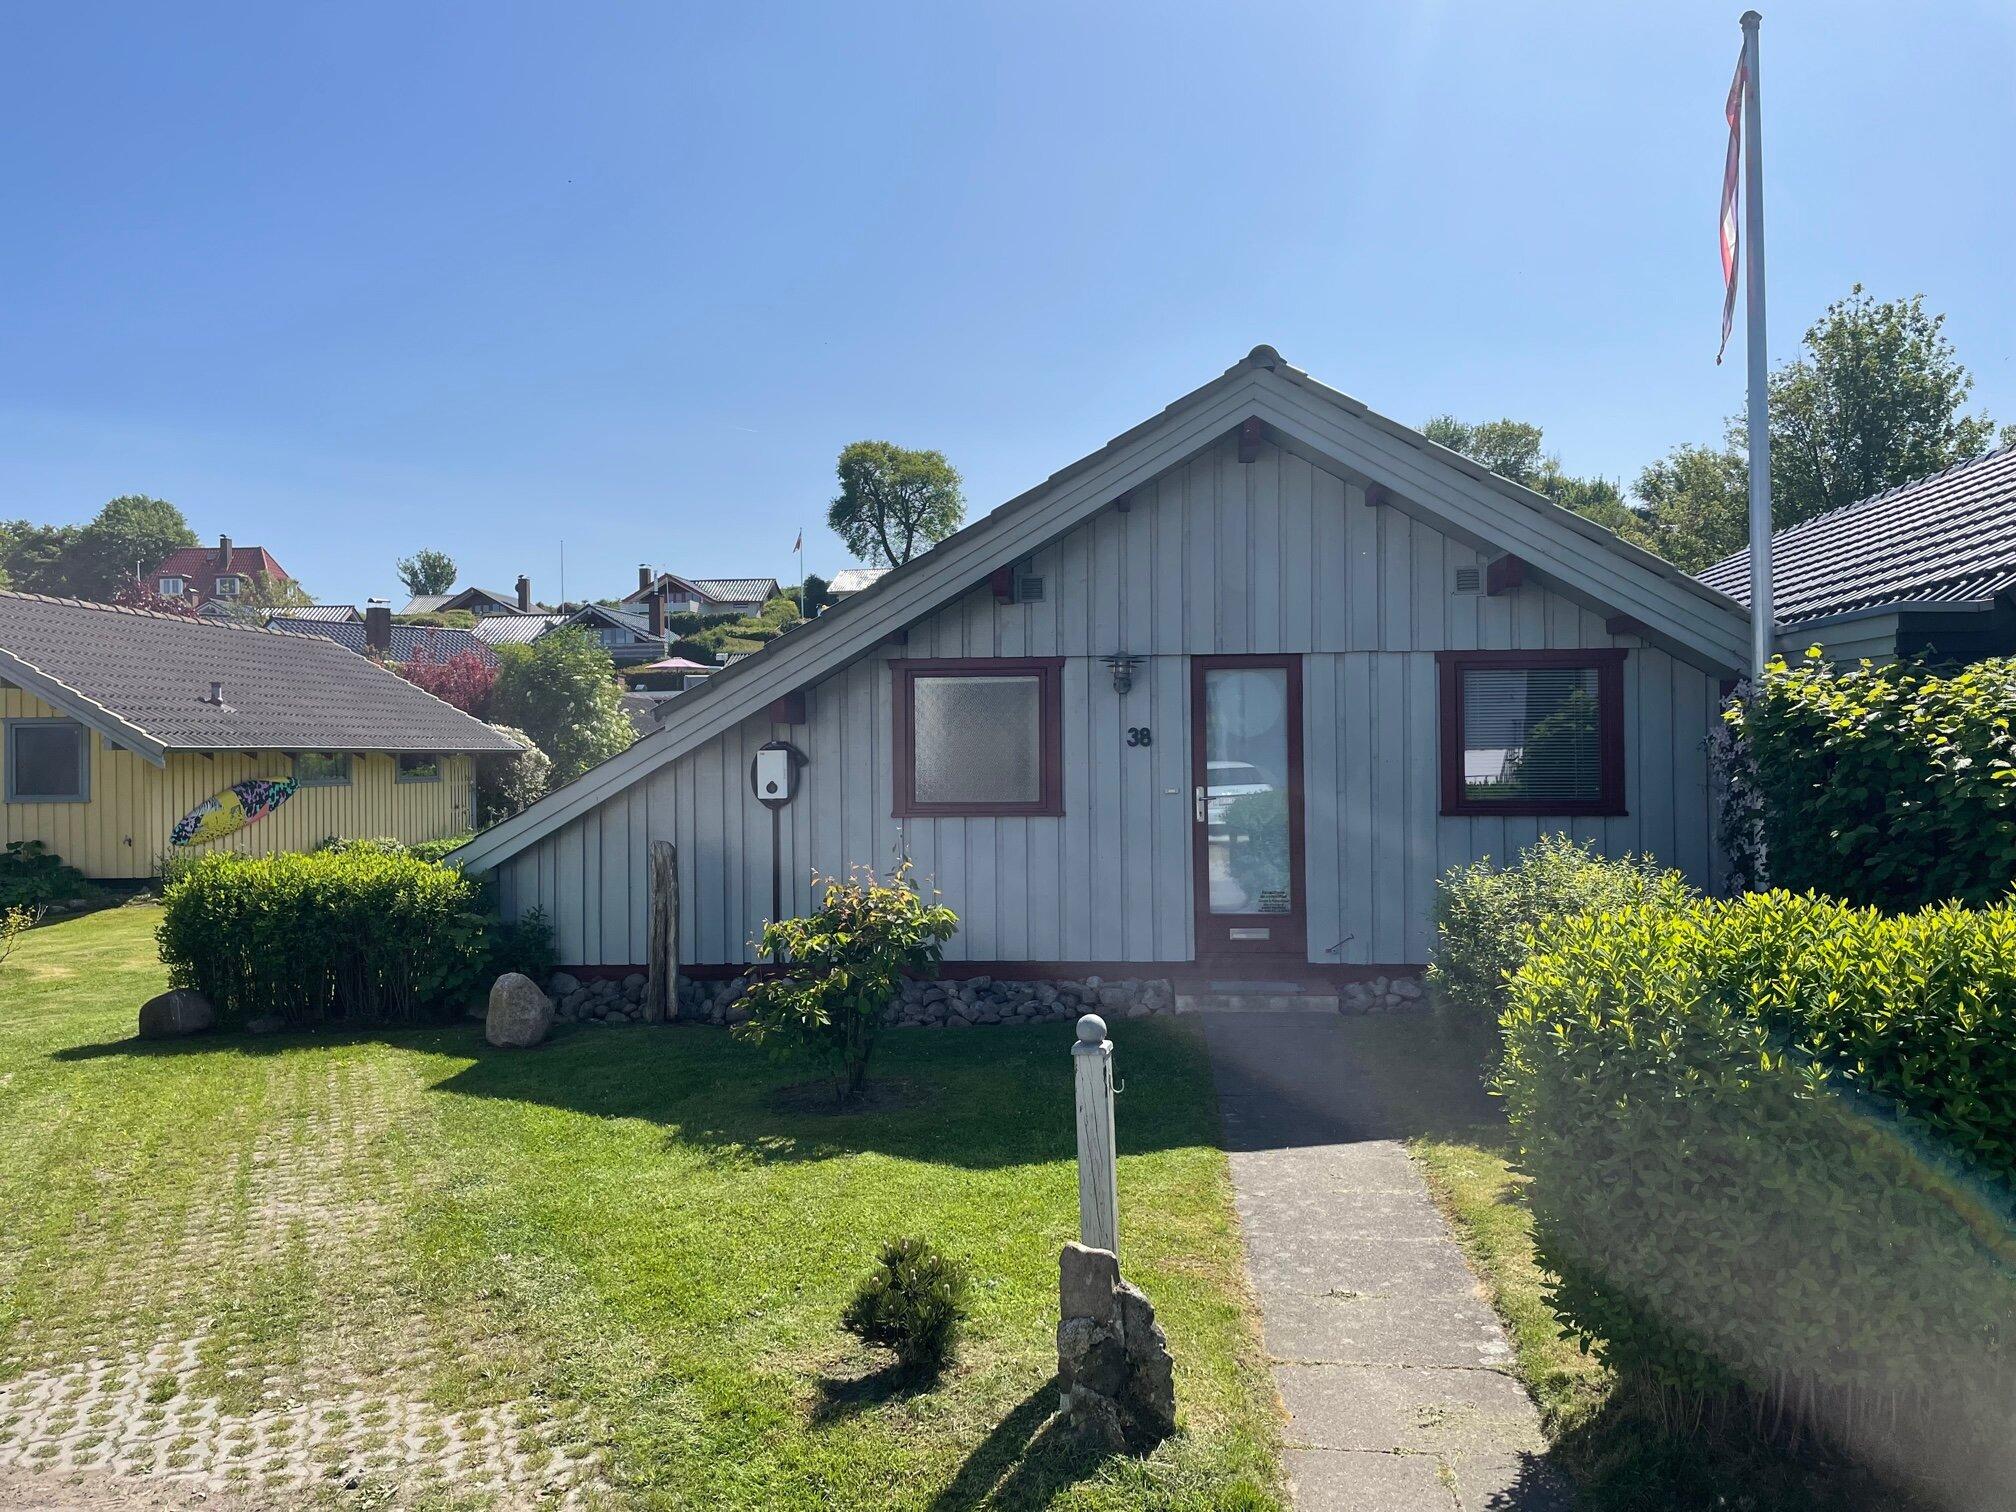 Ferienhaus Engel auf 300qm Grundstück